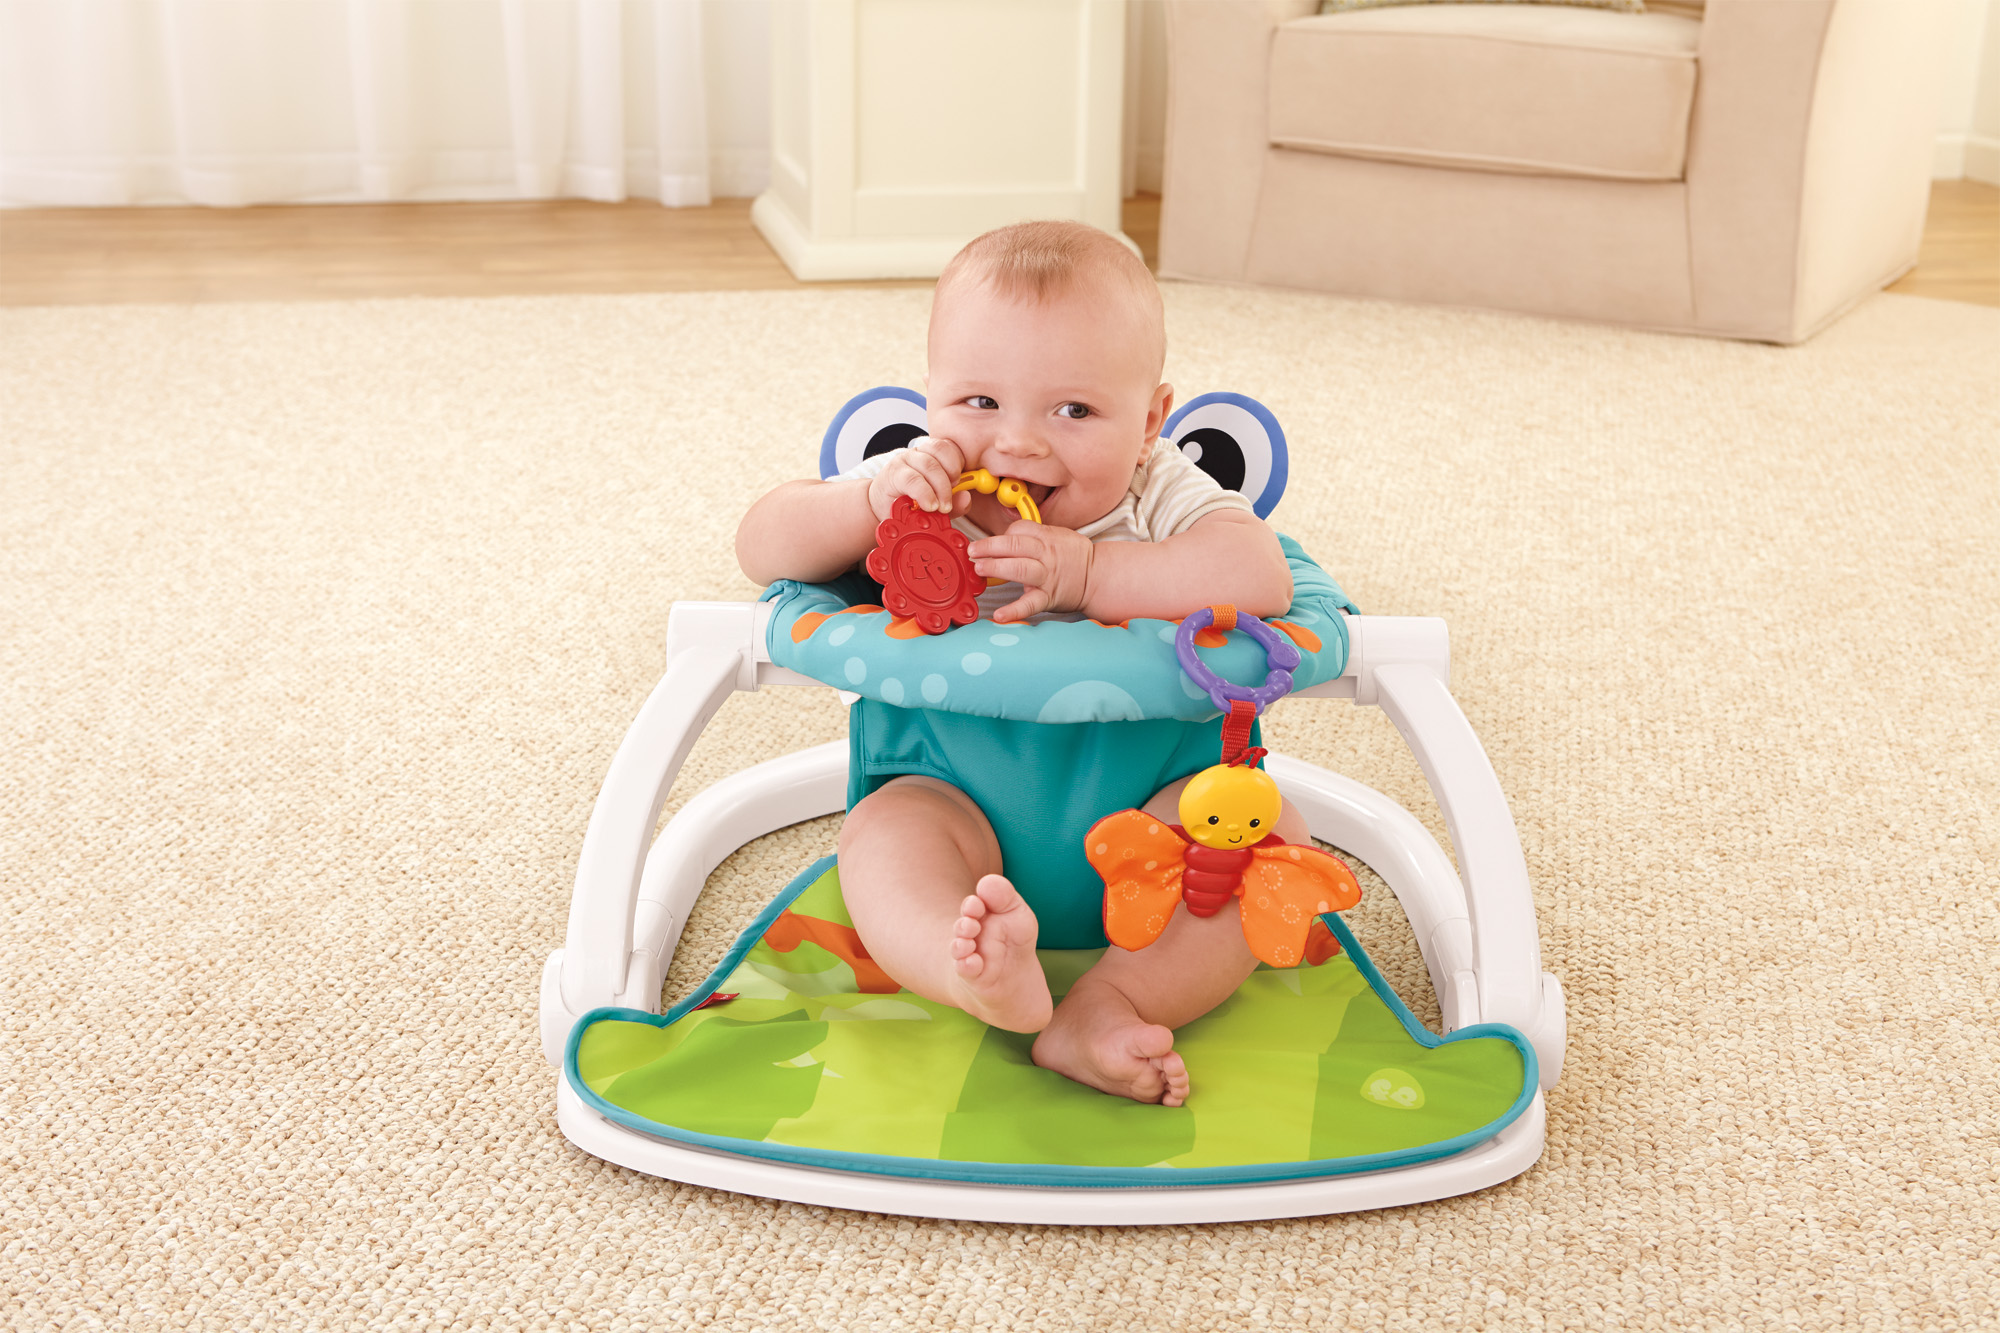 Fisher-Price Sit-Me-Up Floor Seat - Walmart.com